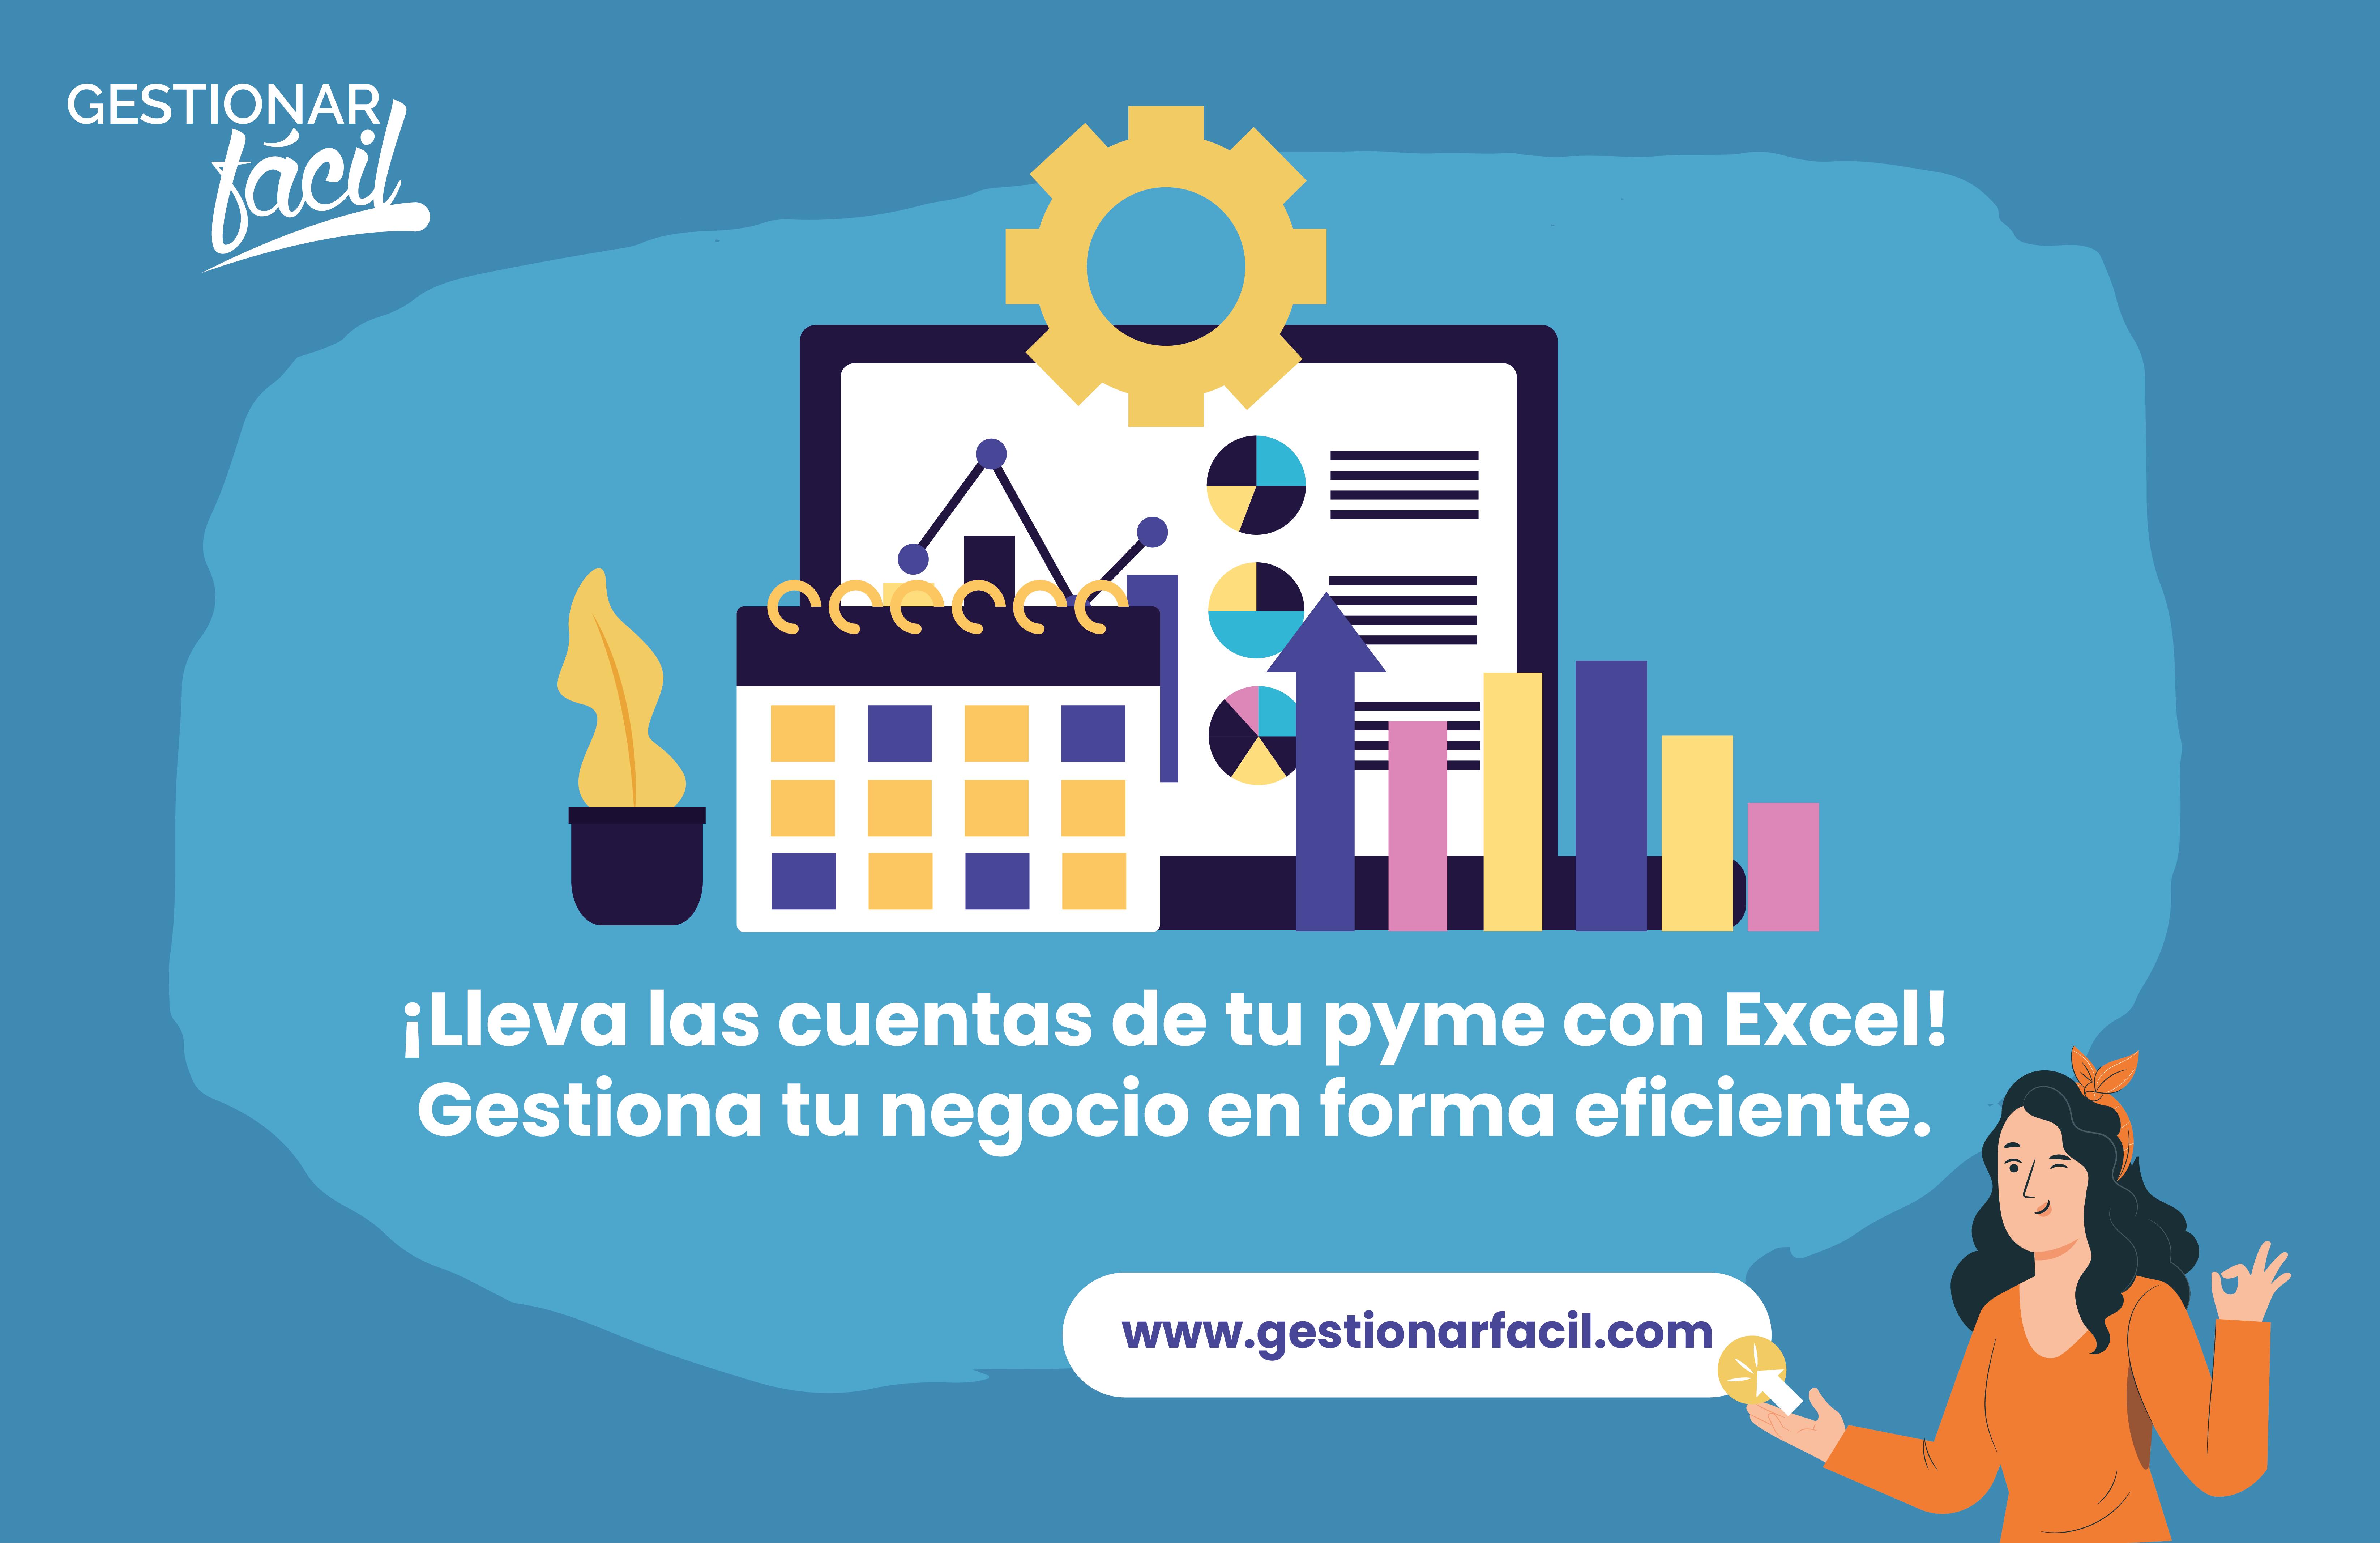 ¡Lleva las cuentas de tu pyme con Excel! Gestiona tu negocio en forma eficiente.